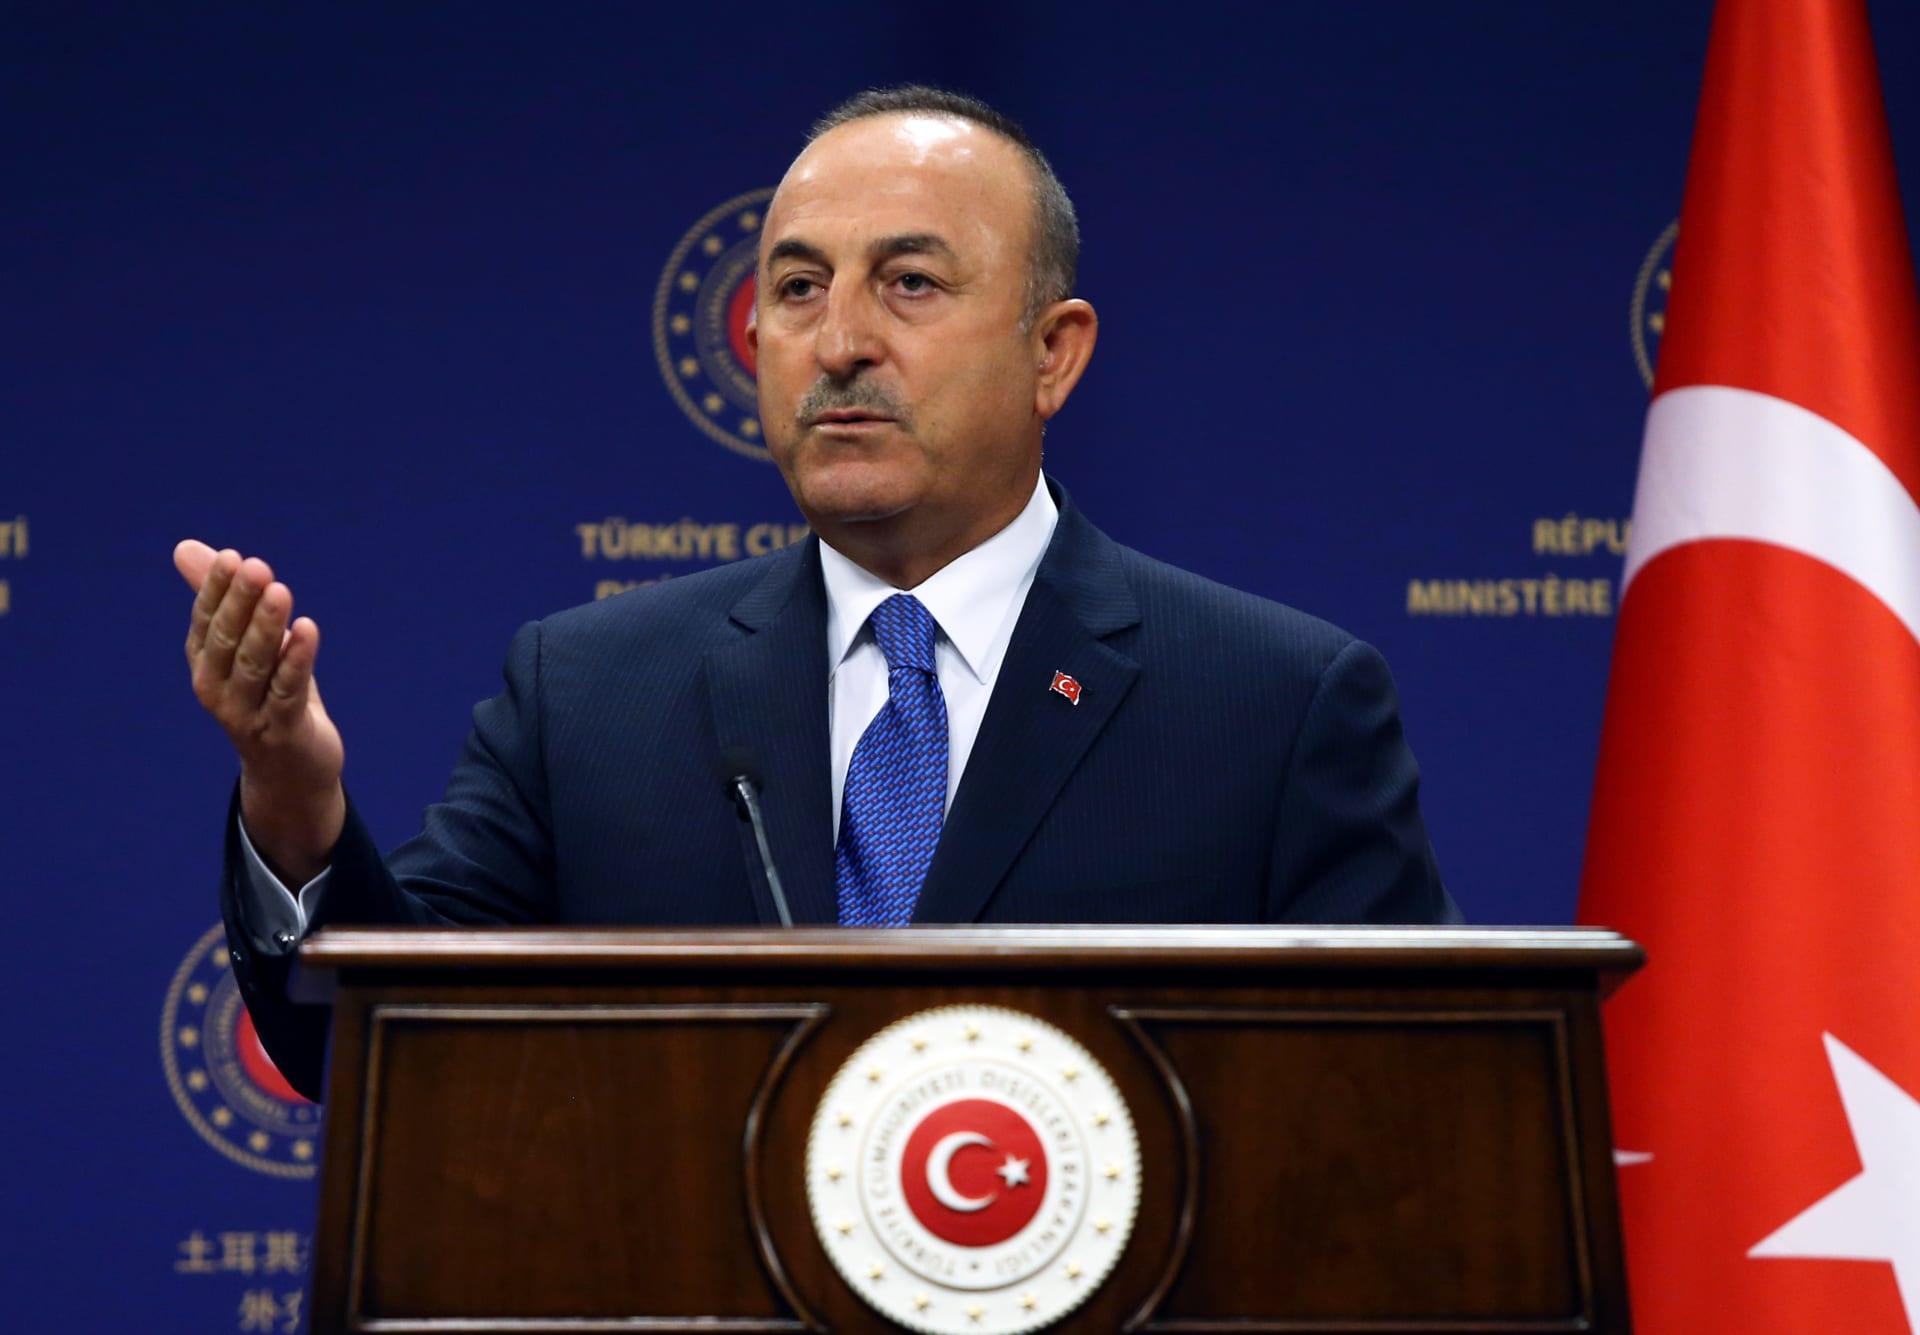 الخارجية التركية تدين اعتقال موظف قنصليتها في جزيرة رودس بتهمة التجسس